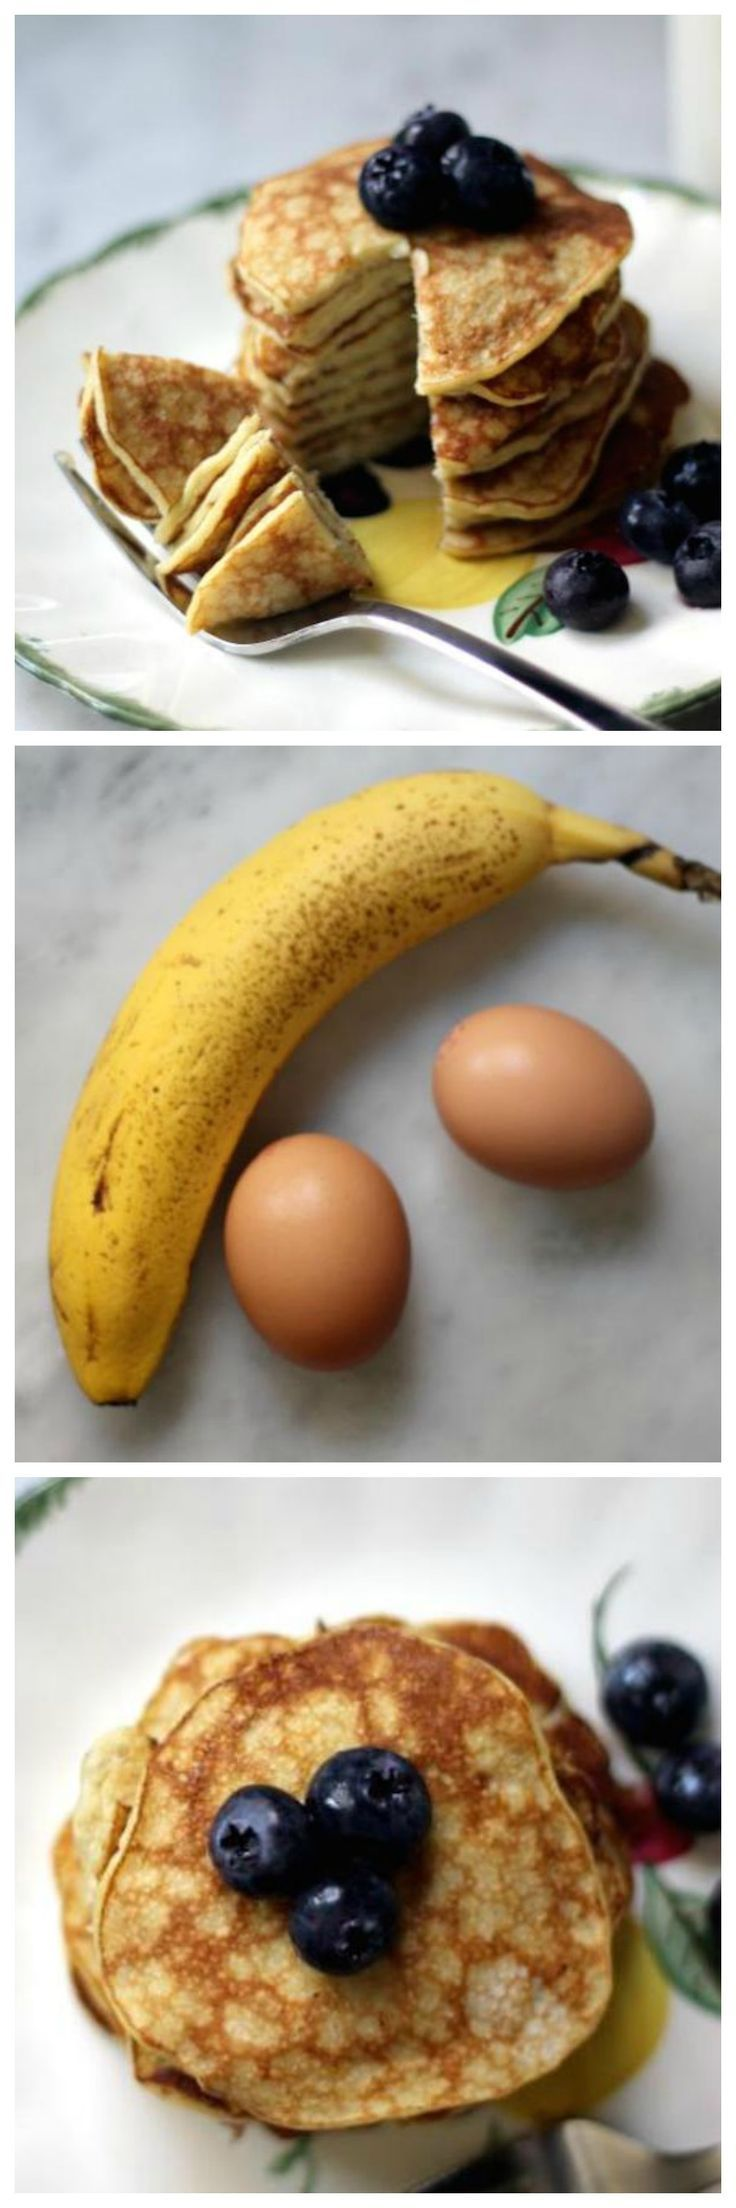 Try this 2 ingredient banana pancake breakfast recipe!